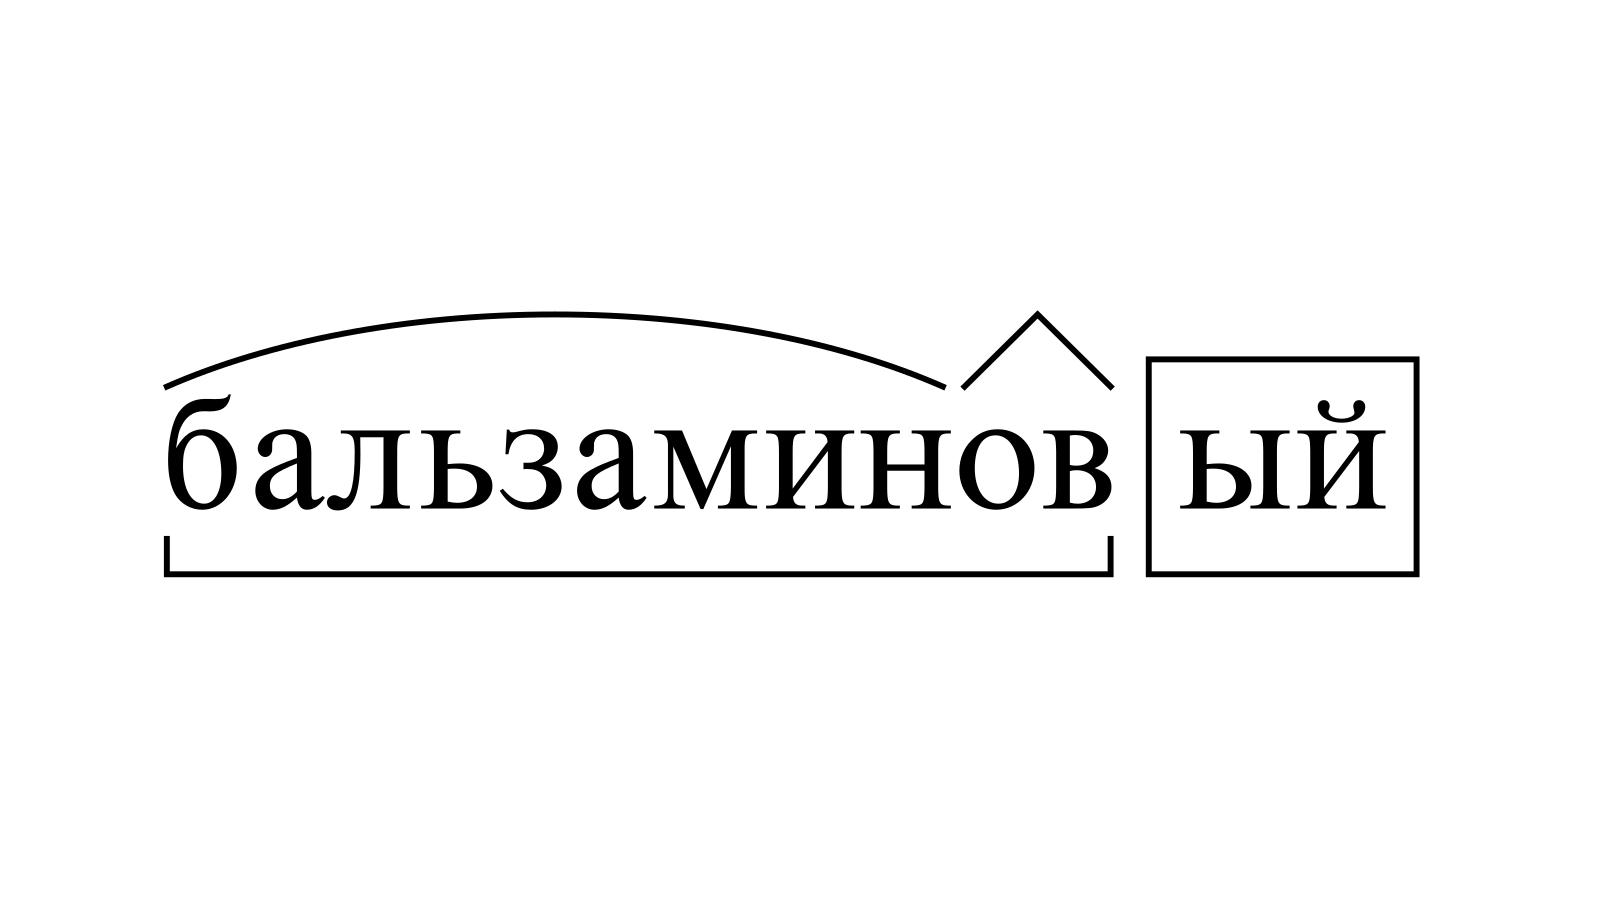 Разбор слова «бальзаминовый» по составу